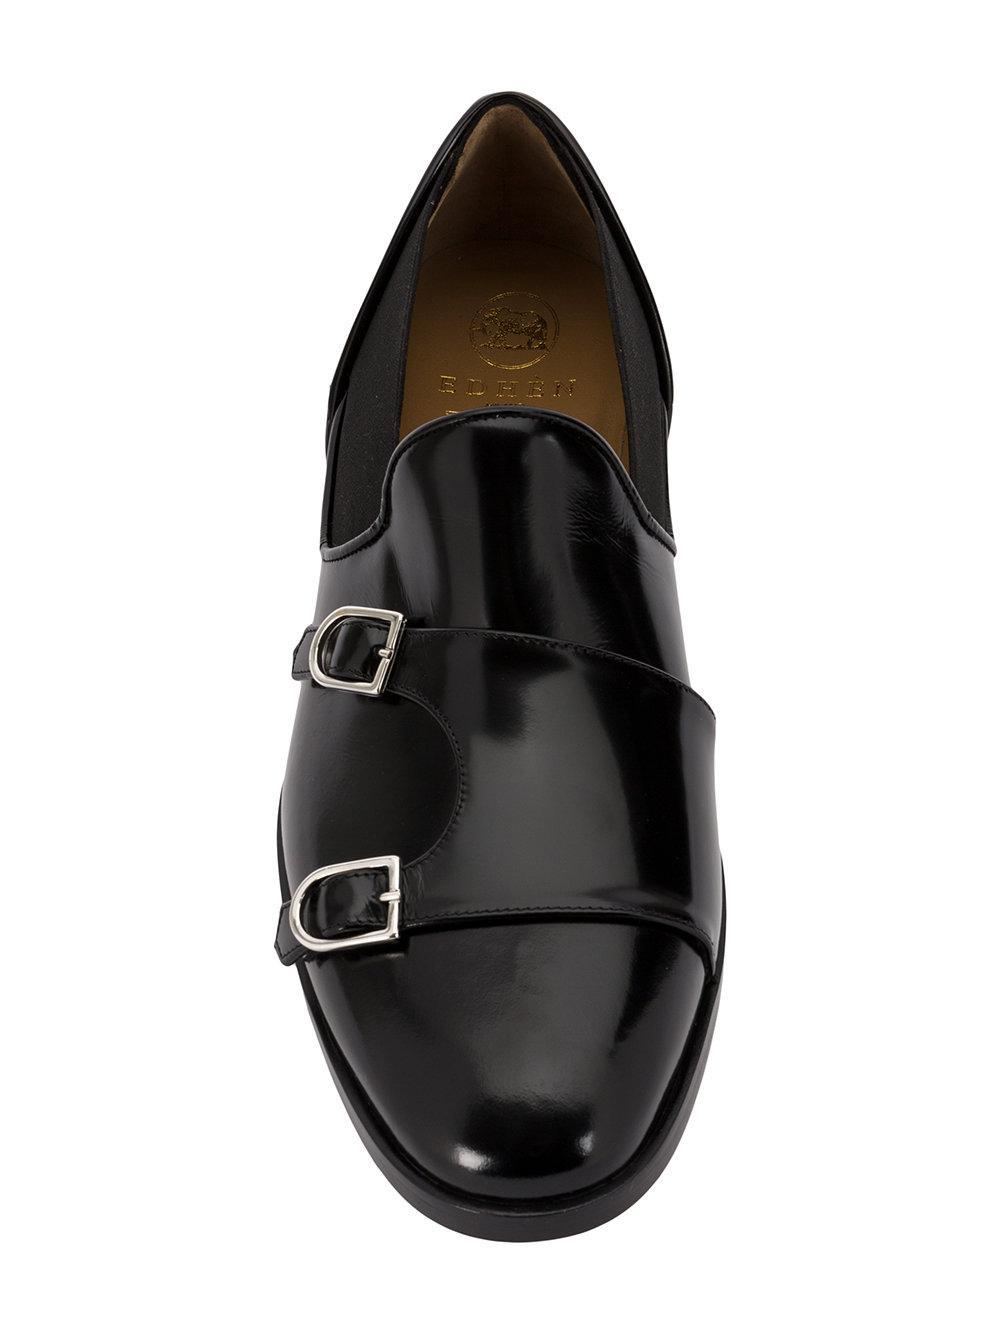 Edhen Milano Leer Monk Loafers in het Zwart voor heren